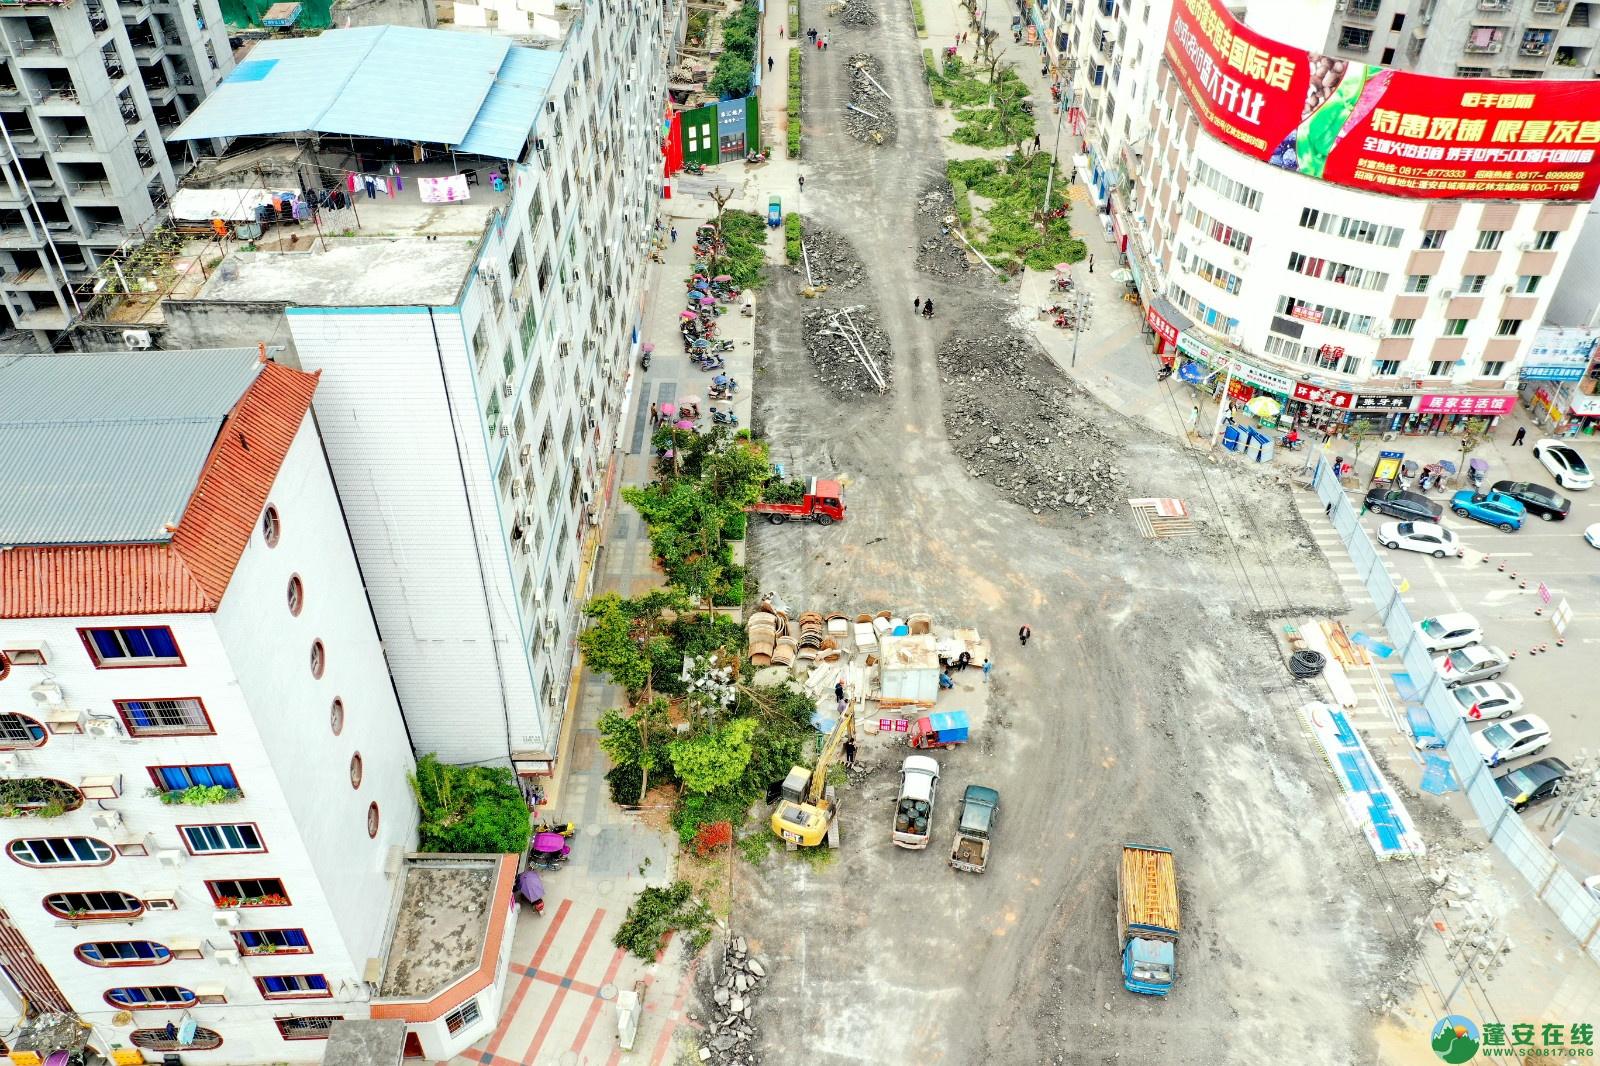 蓬安建设南路老旧街道小区美化改造(2020.3.22) - 第5张  | 蓬安在线